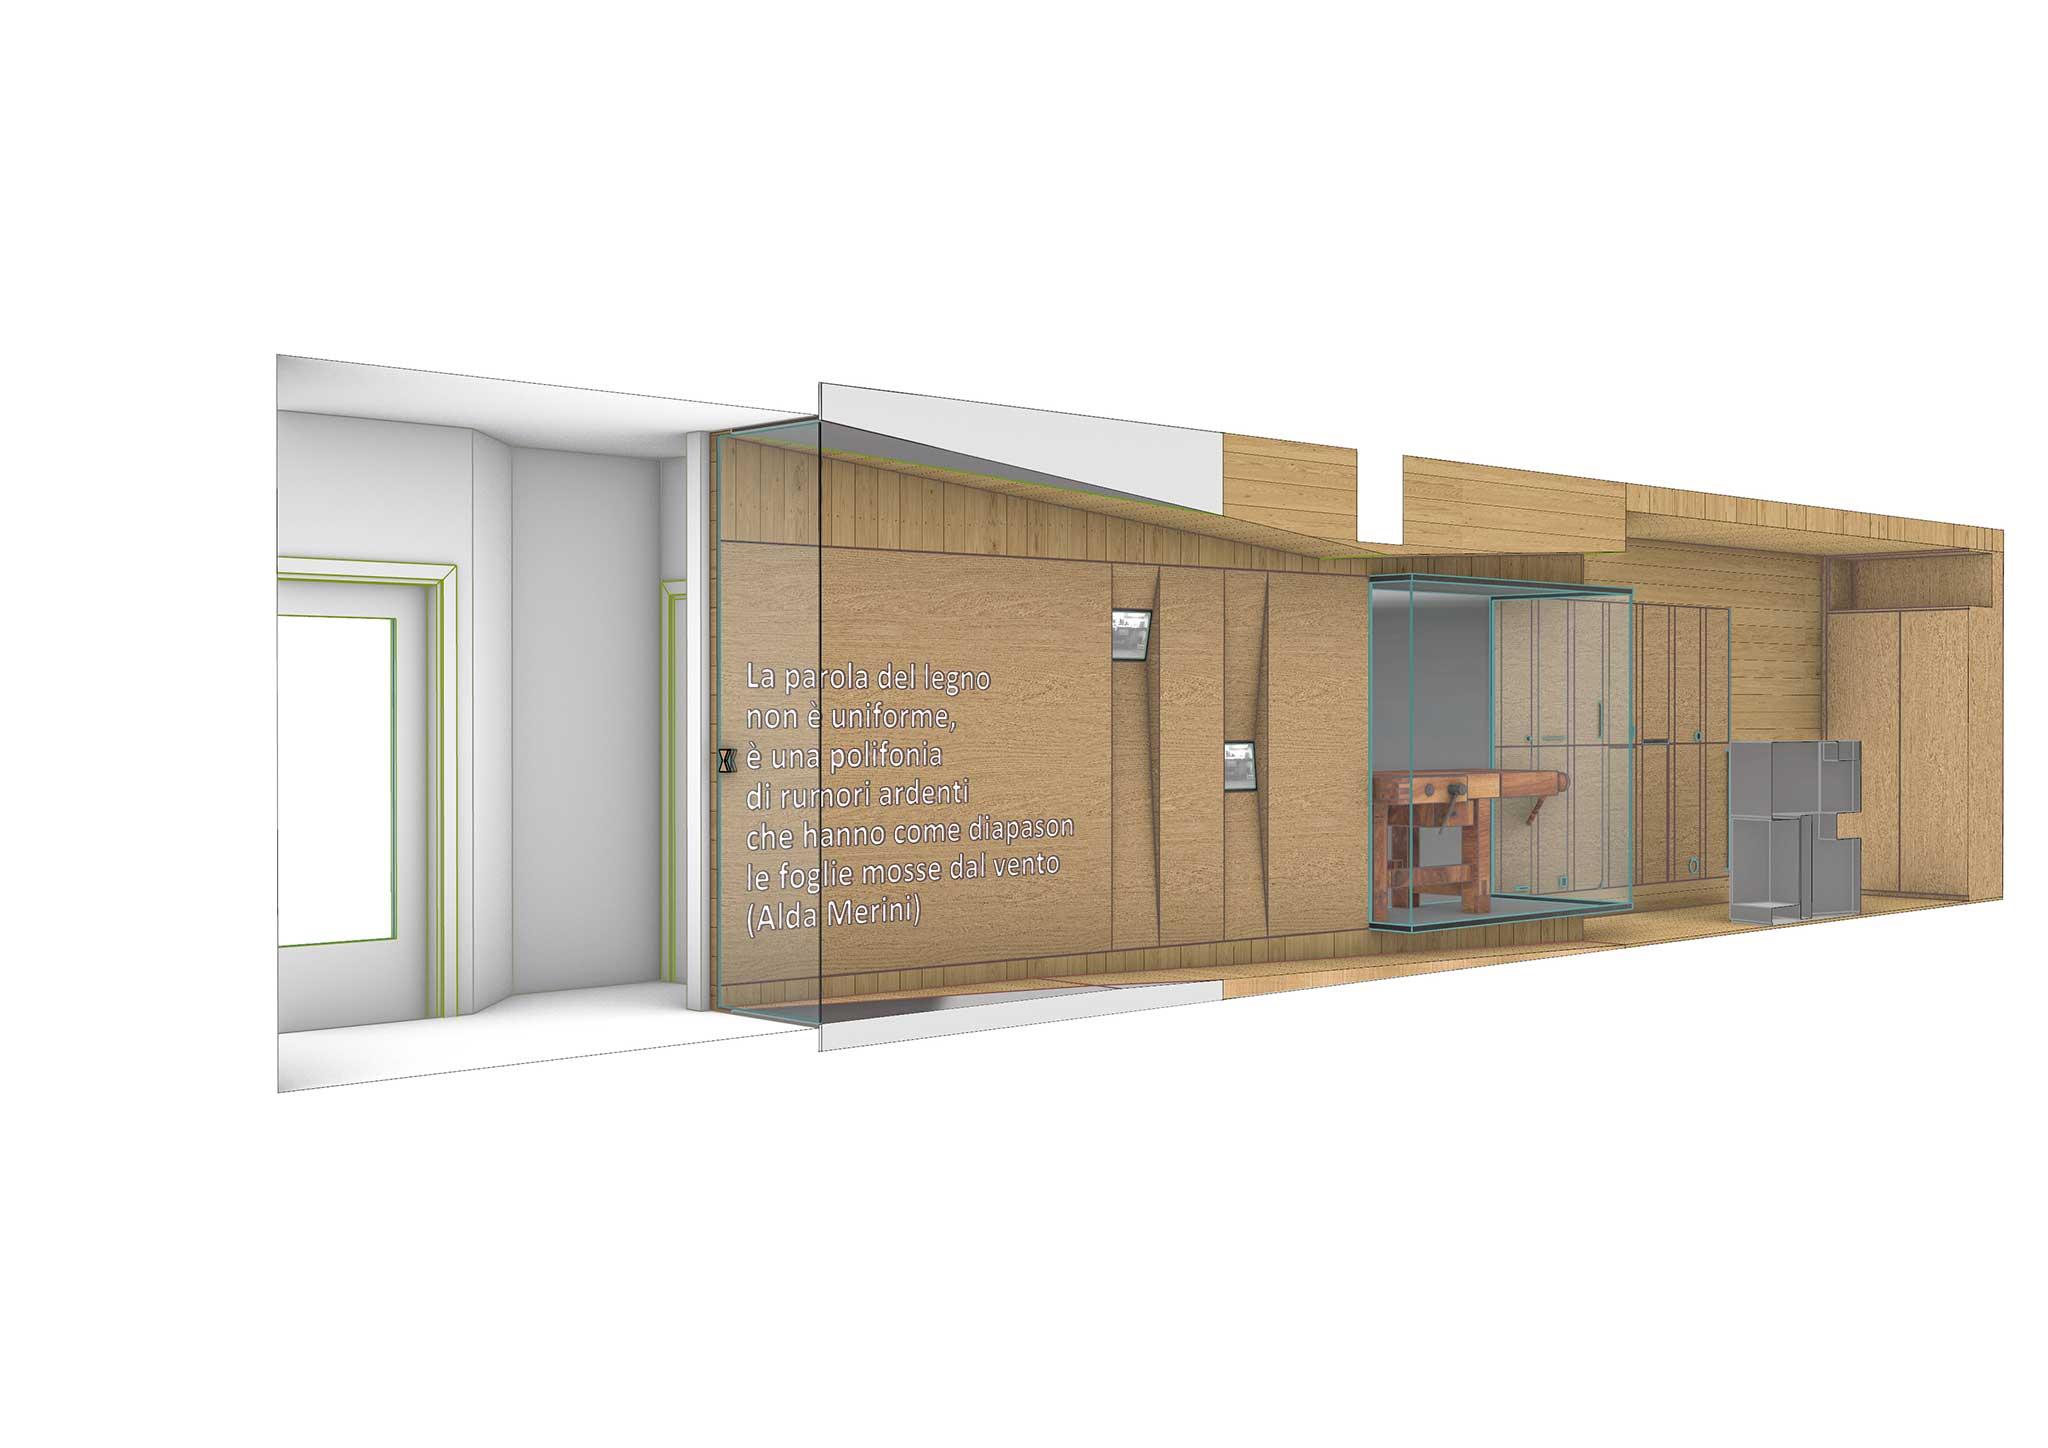 Studio di architettura interni Trento